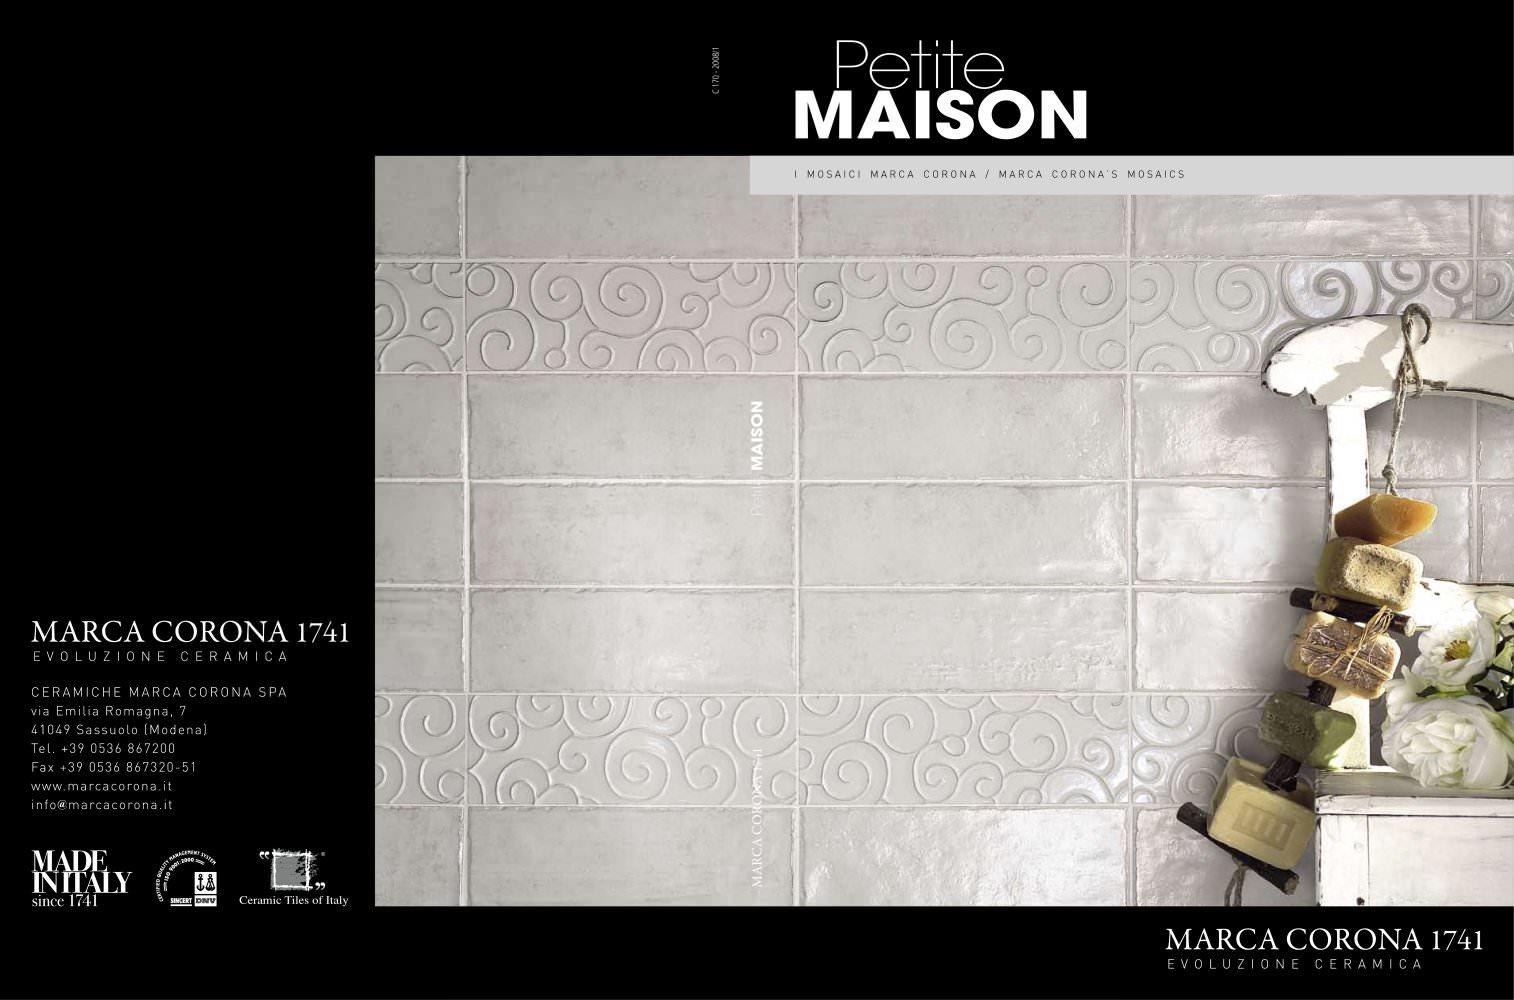 PETITE MAISON - CERAMICHE MARCA CORONA - PDF Catalogues ...